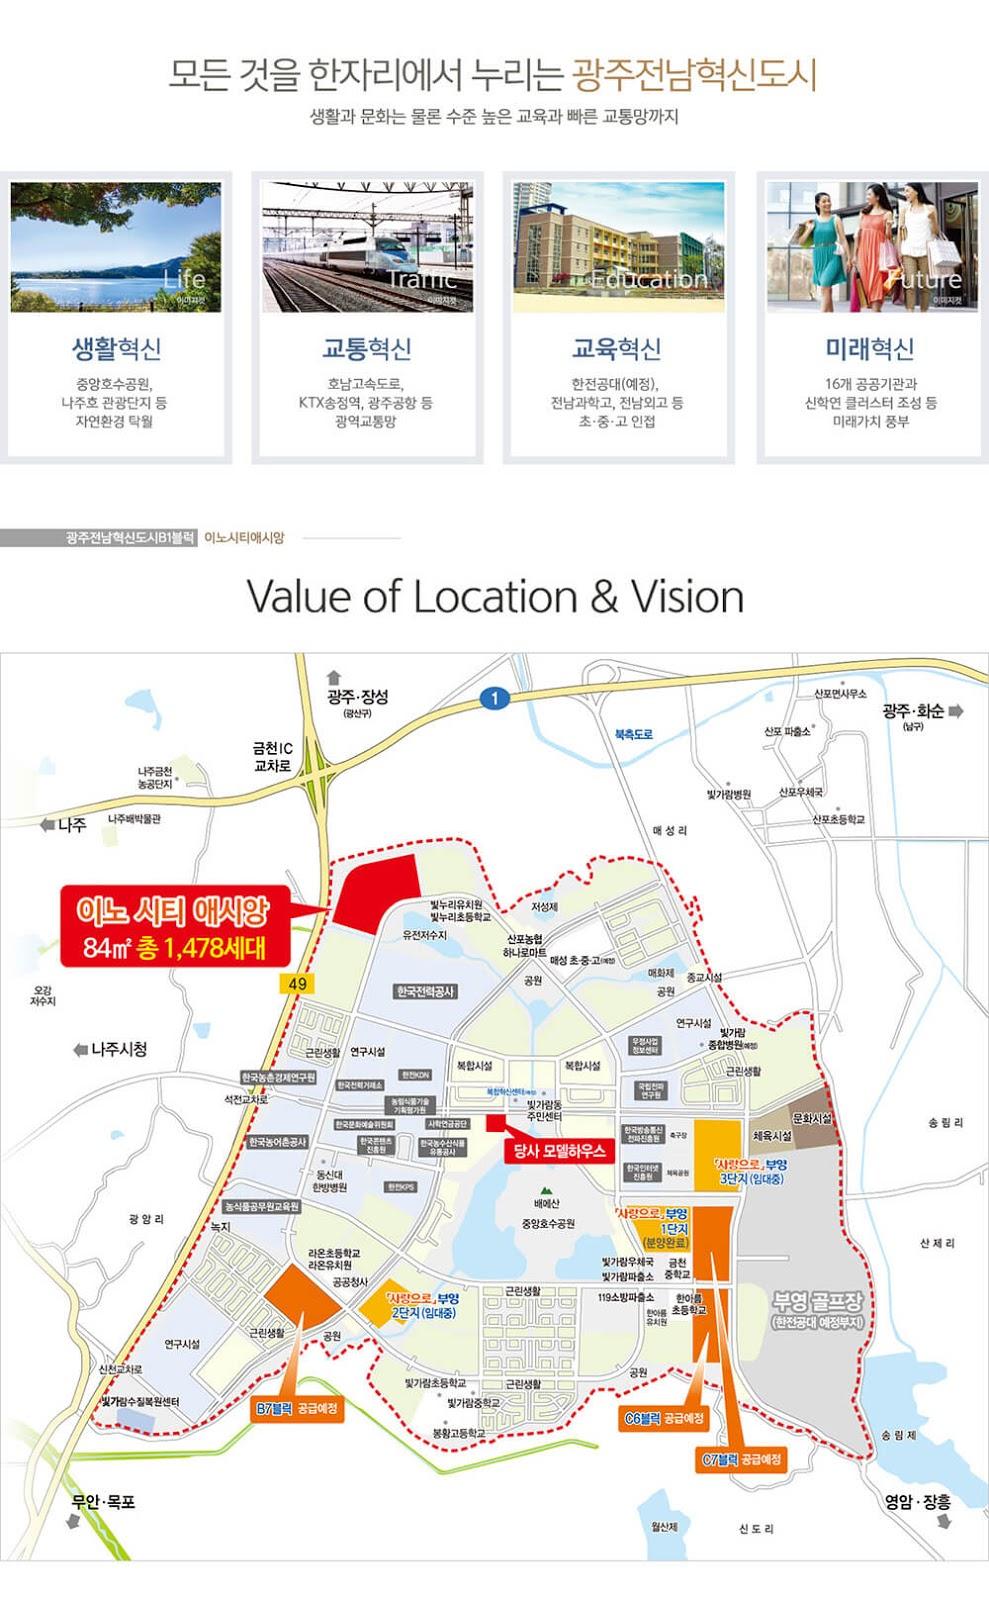 광주 전남 혁신도시 이노시티 애시앙 입지환경